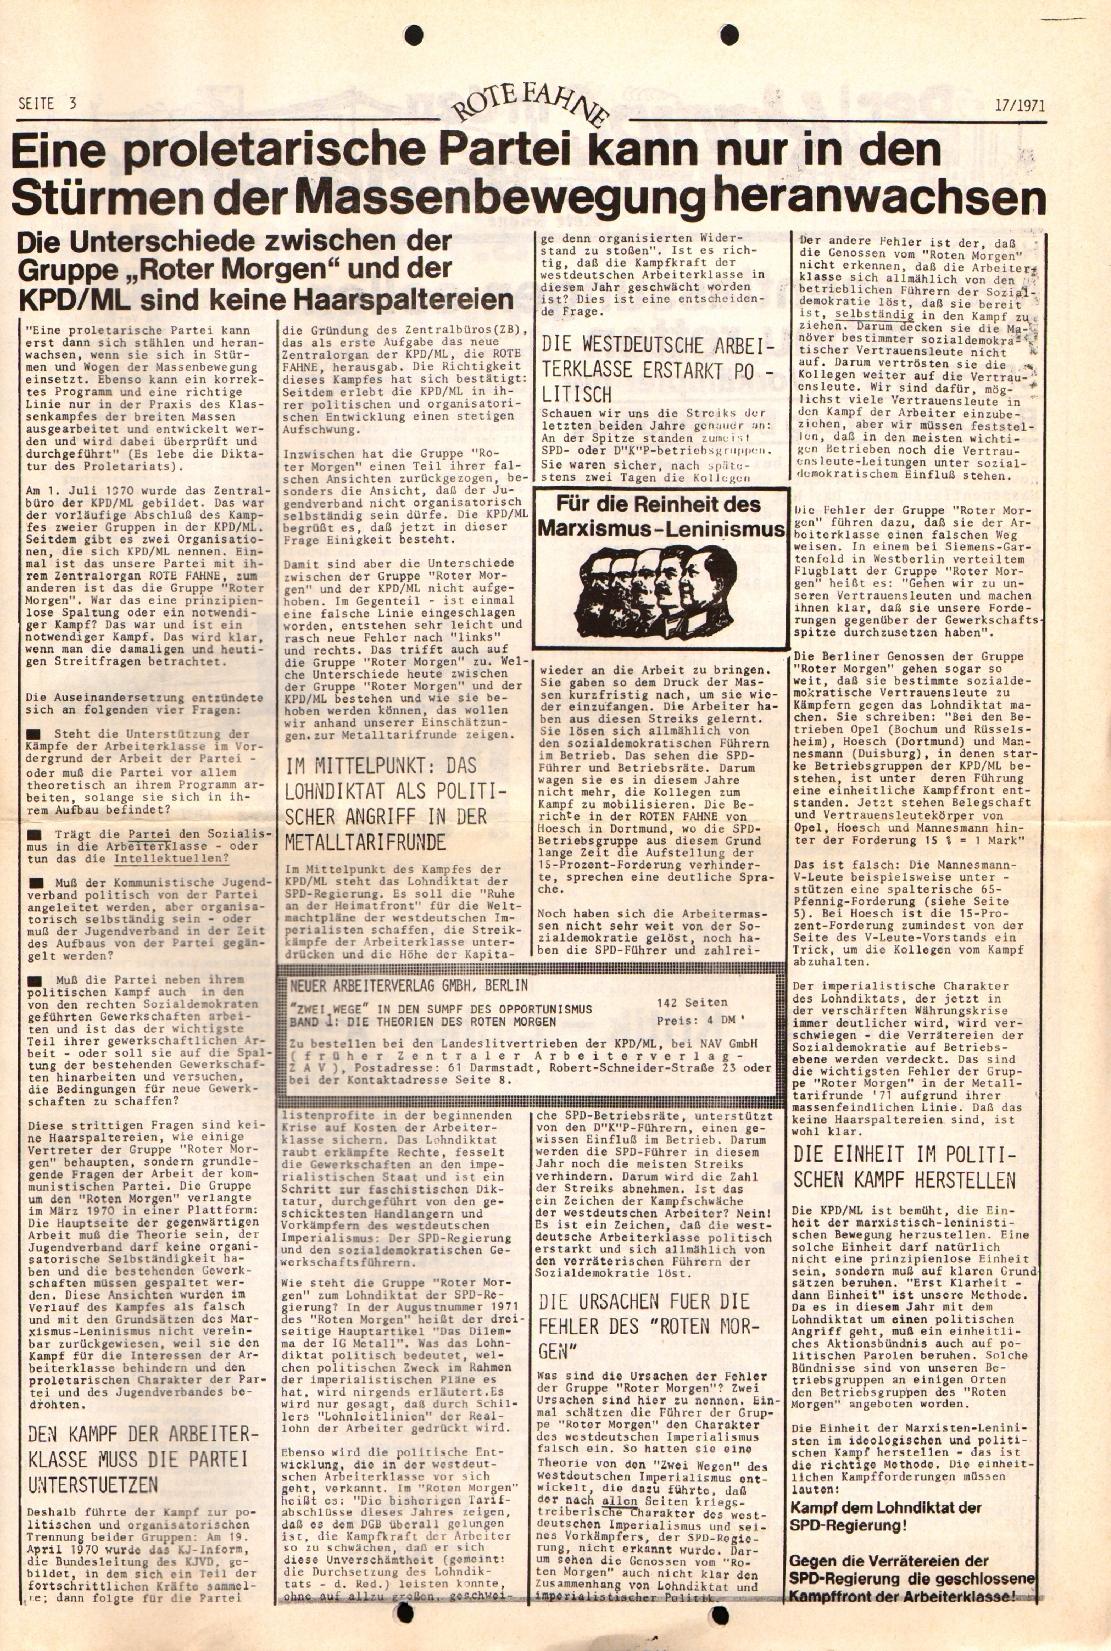 Rote Fahne, 2. Jg., 30.8.1971, Nr. 17, Seite 3